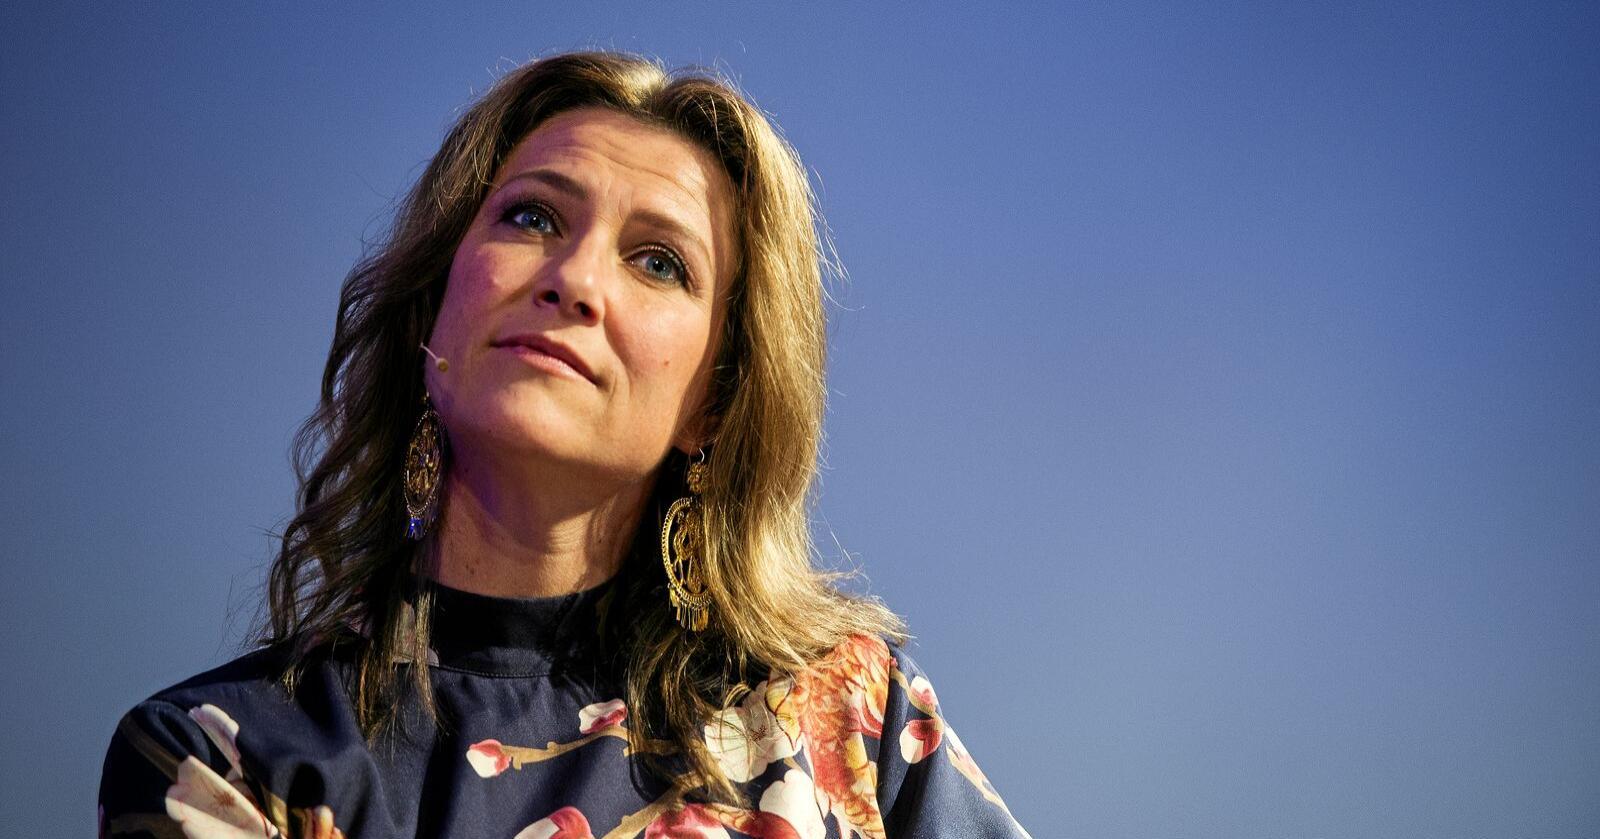 Behov: Vi trenger prinsesse Märtha Louise nå, skriver innsenderen. Foto: Carina Johansen / NTB Scanpix